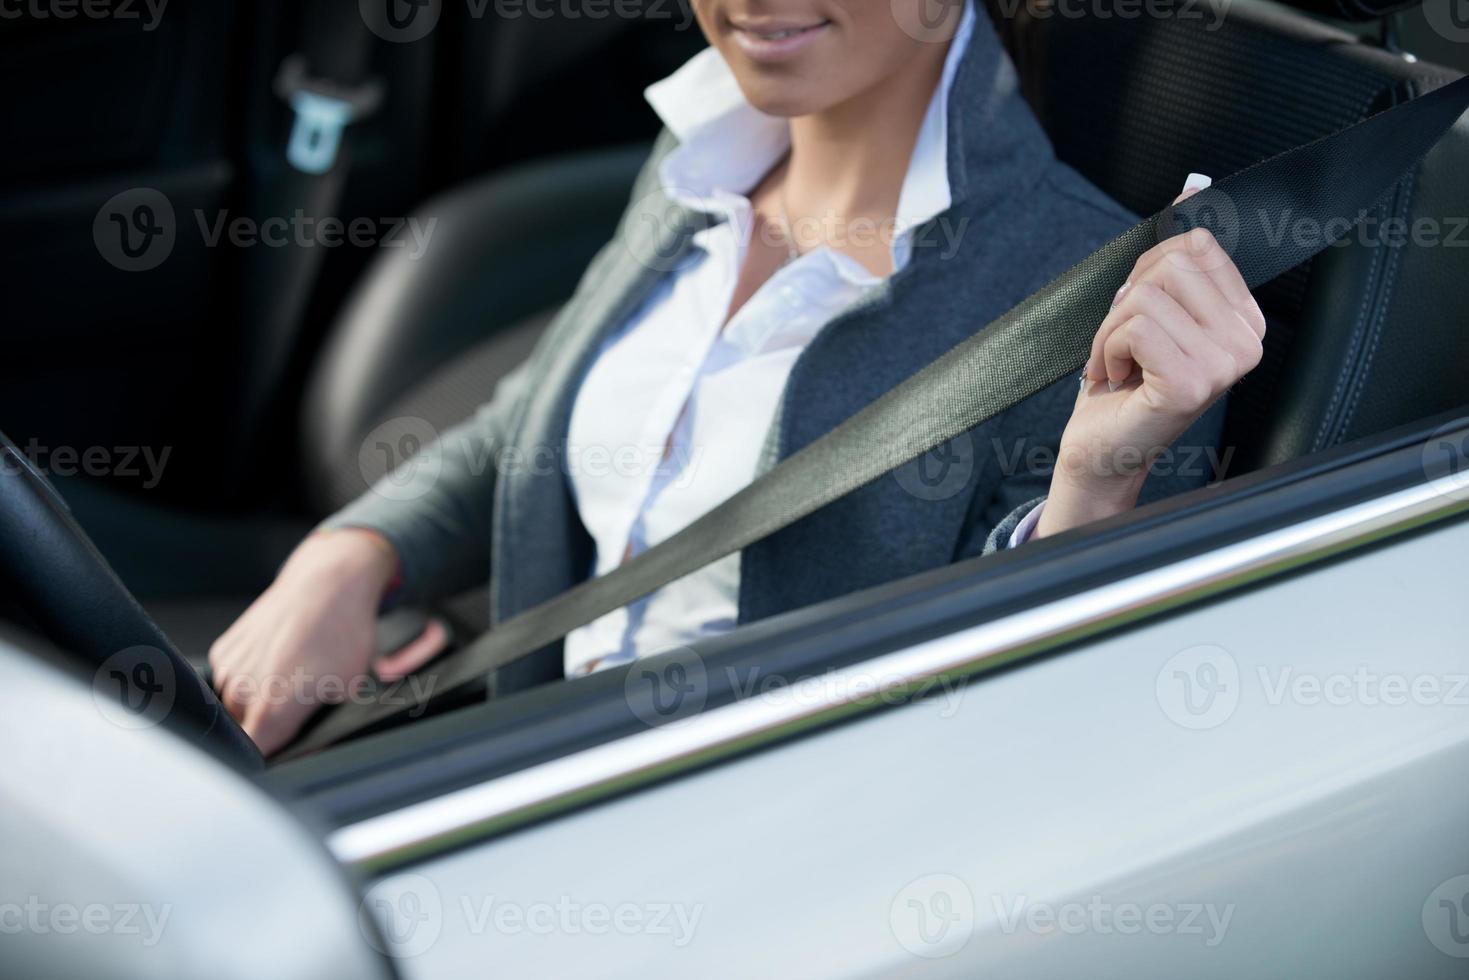 Fasten your seat belt photo